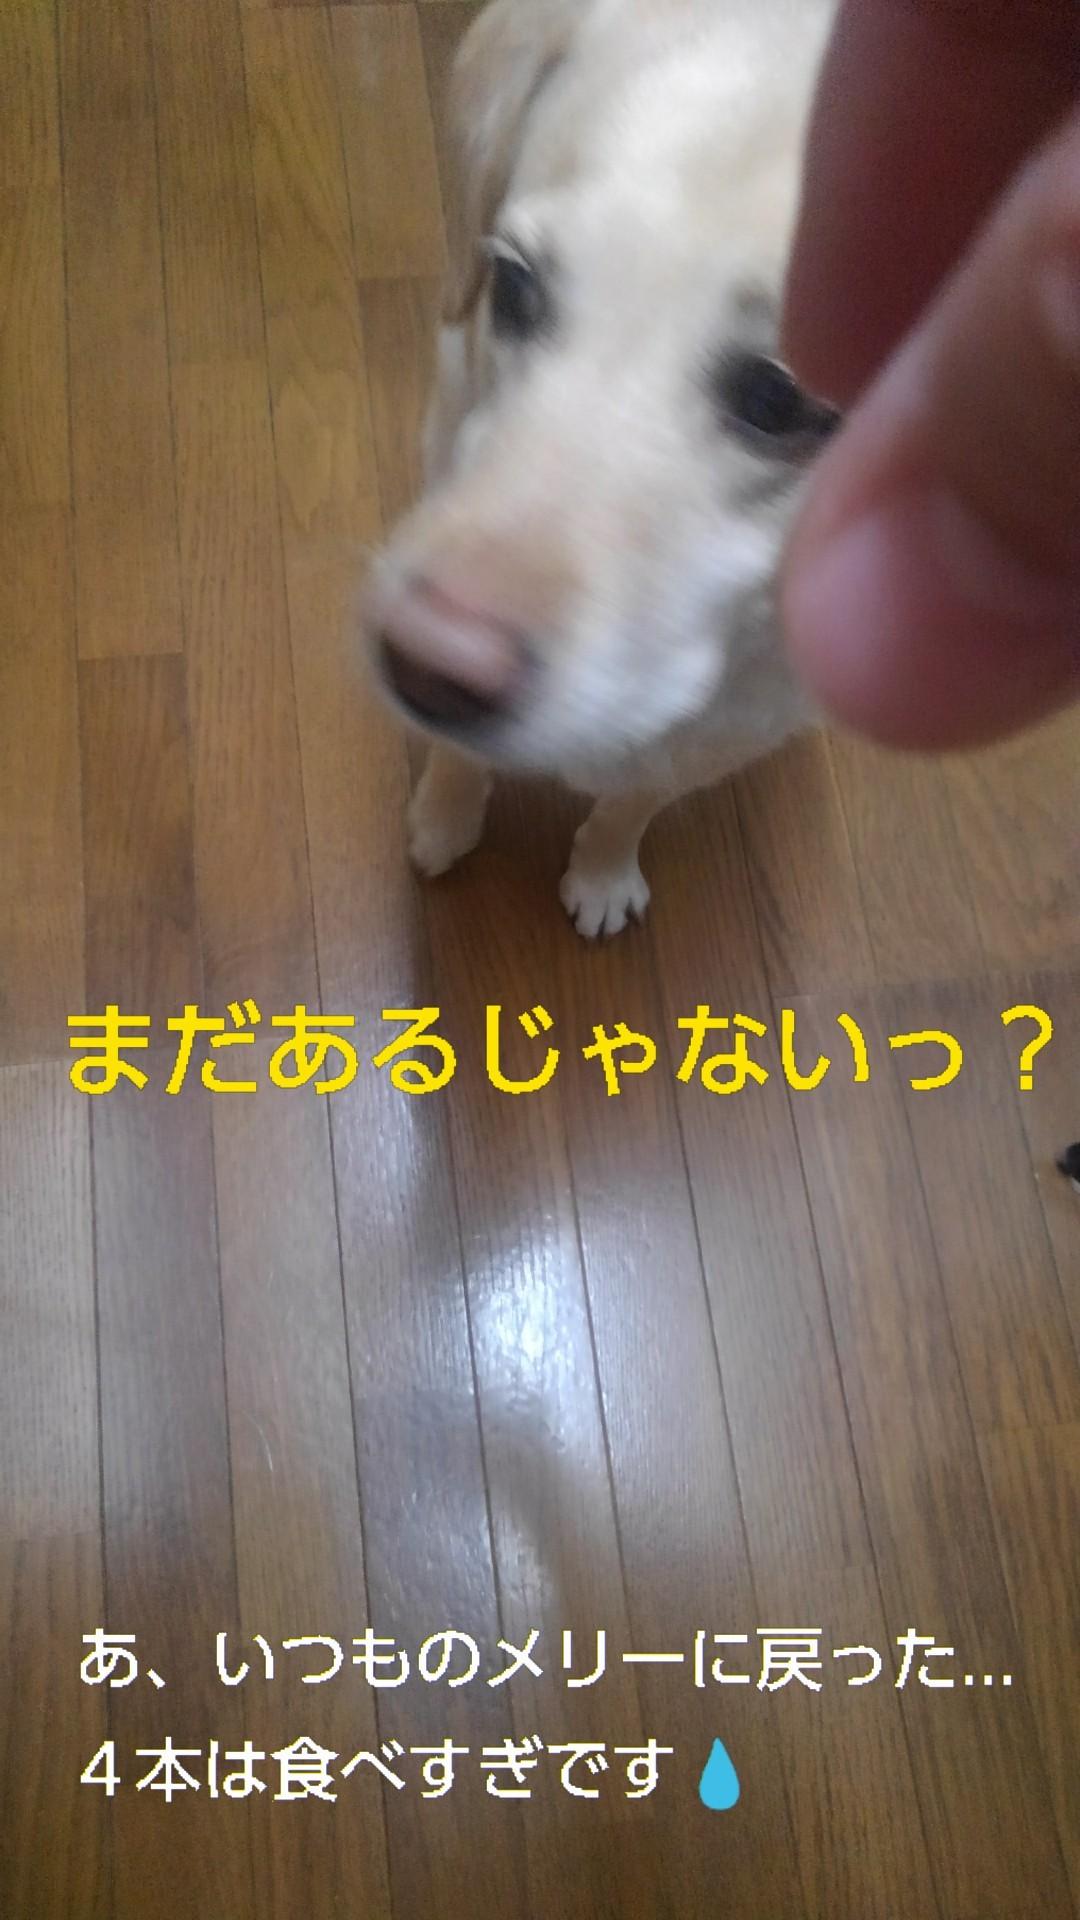 b0339522_21044145.jpg